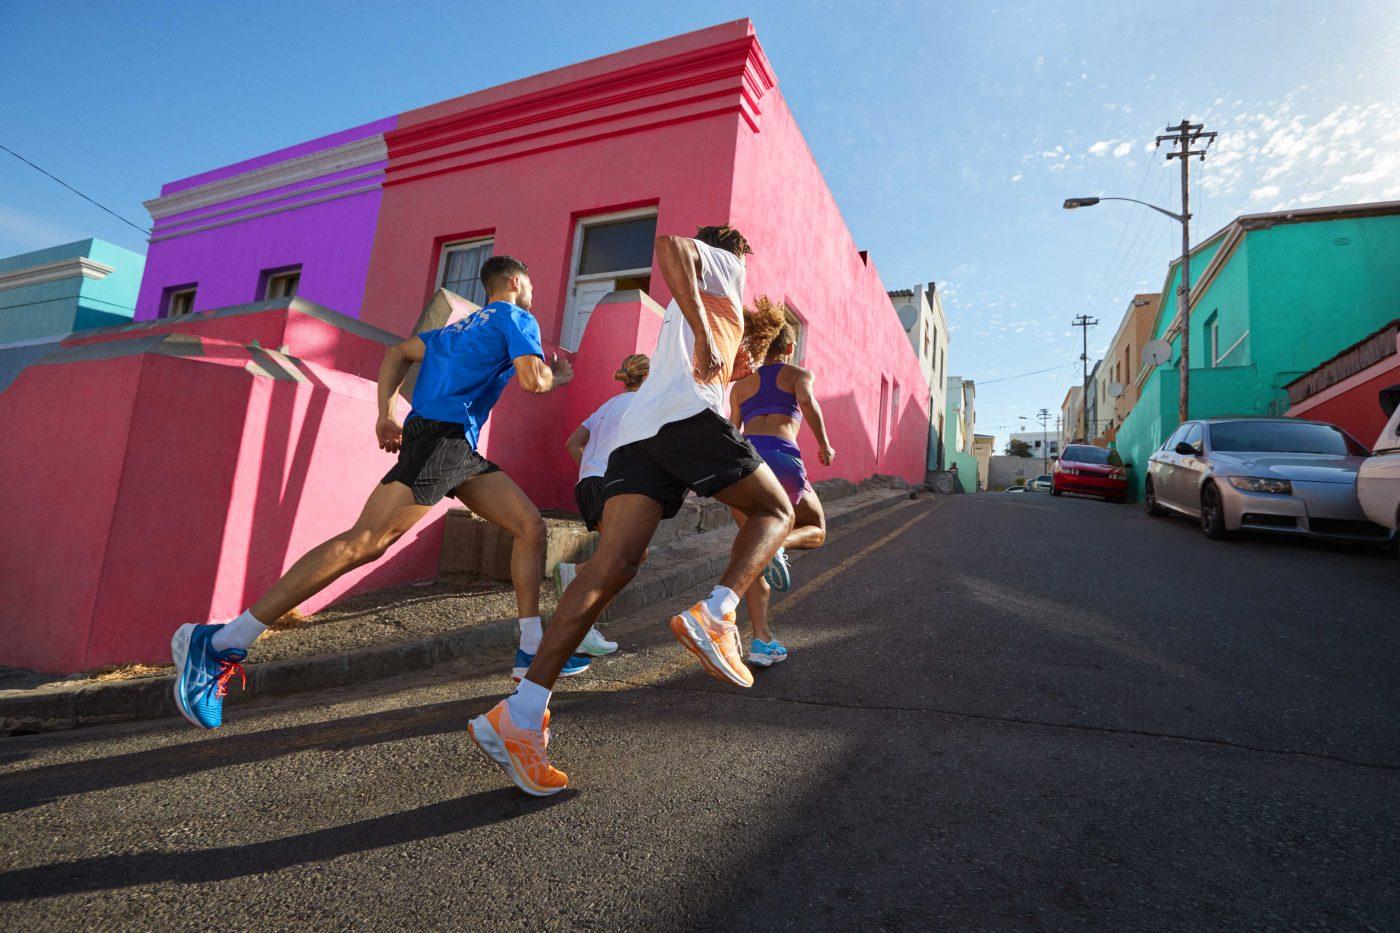 Une nouvelle chaussure chez Asics : la Novablast Runner's